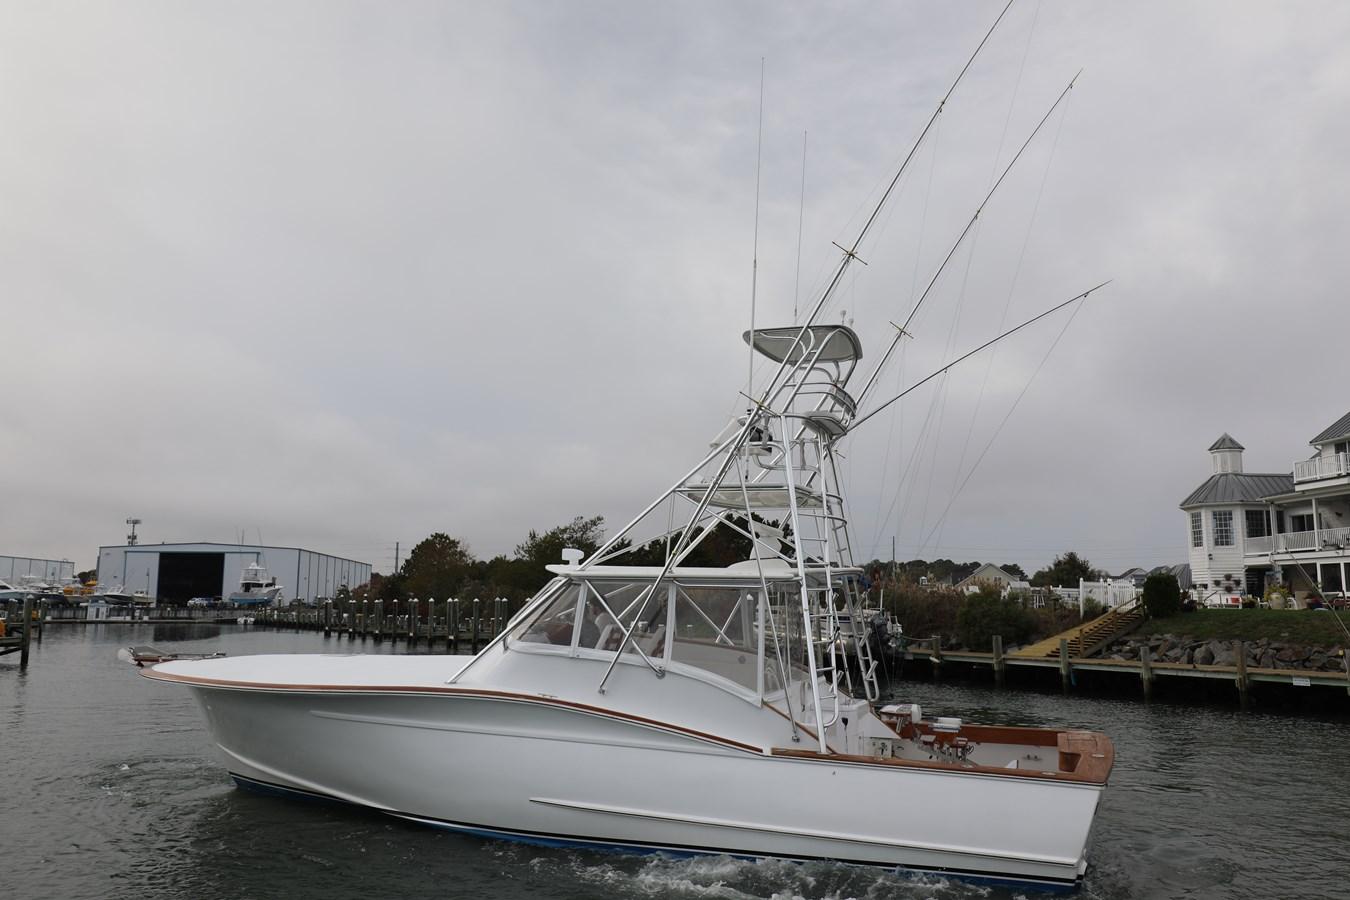 0L7A8866 2008 GILLIKIN  Sport Fisherman 2753171